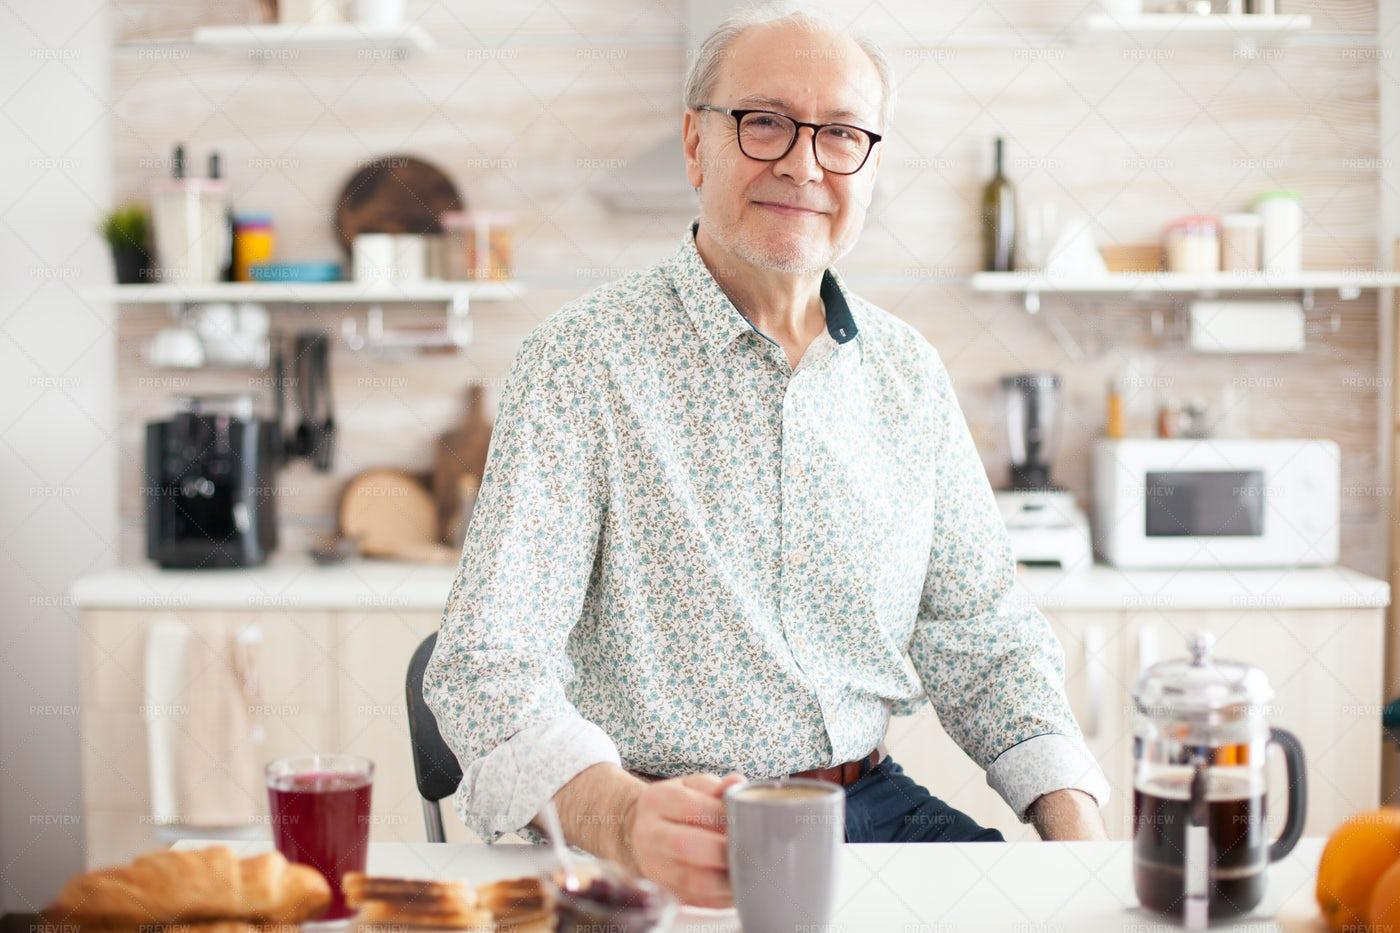 Retired Man In Kitchen Portrait: Stock Photos